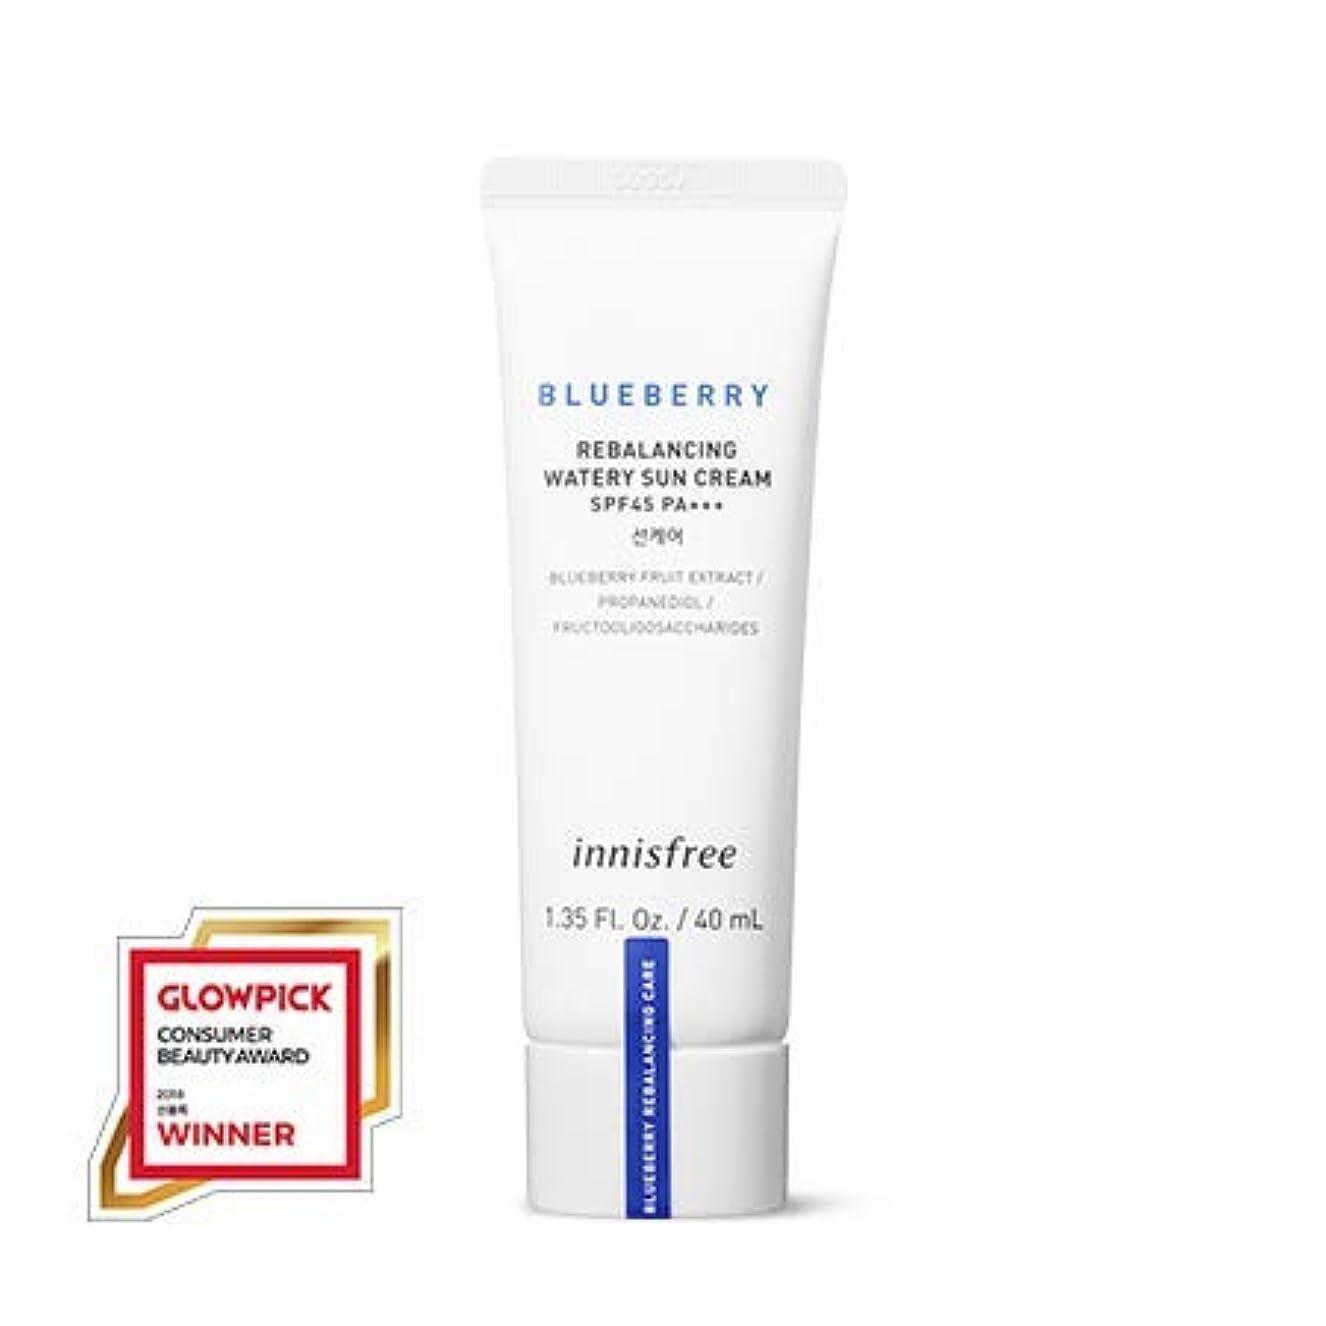 課税表示ネスト[イニスフリー.innisfree]ブルーベリーリバランシングウォーターリー日焼け止め(40mL×2ea)(2019新発売)/ Blueberry Rebalancing Watery Sun Cream